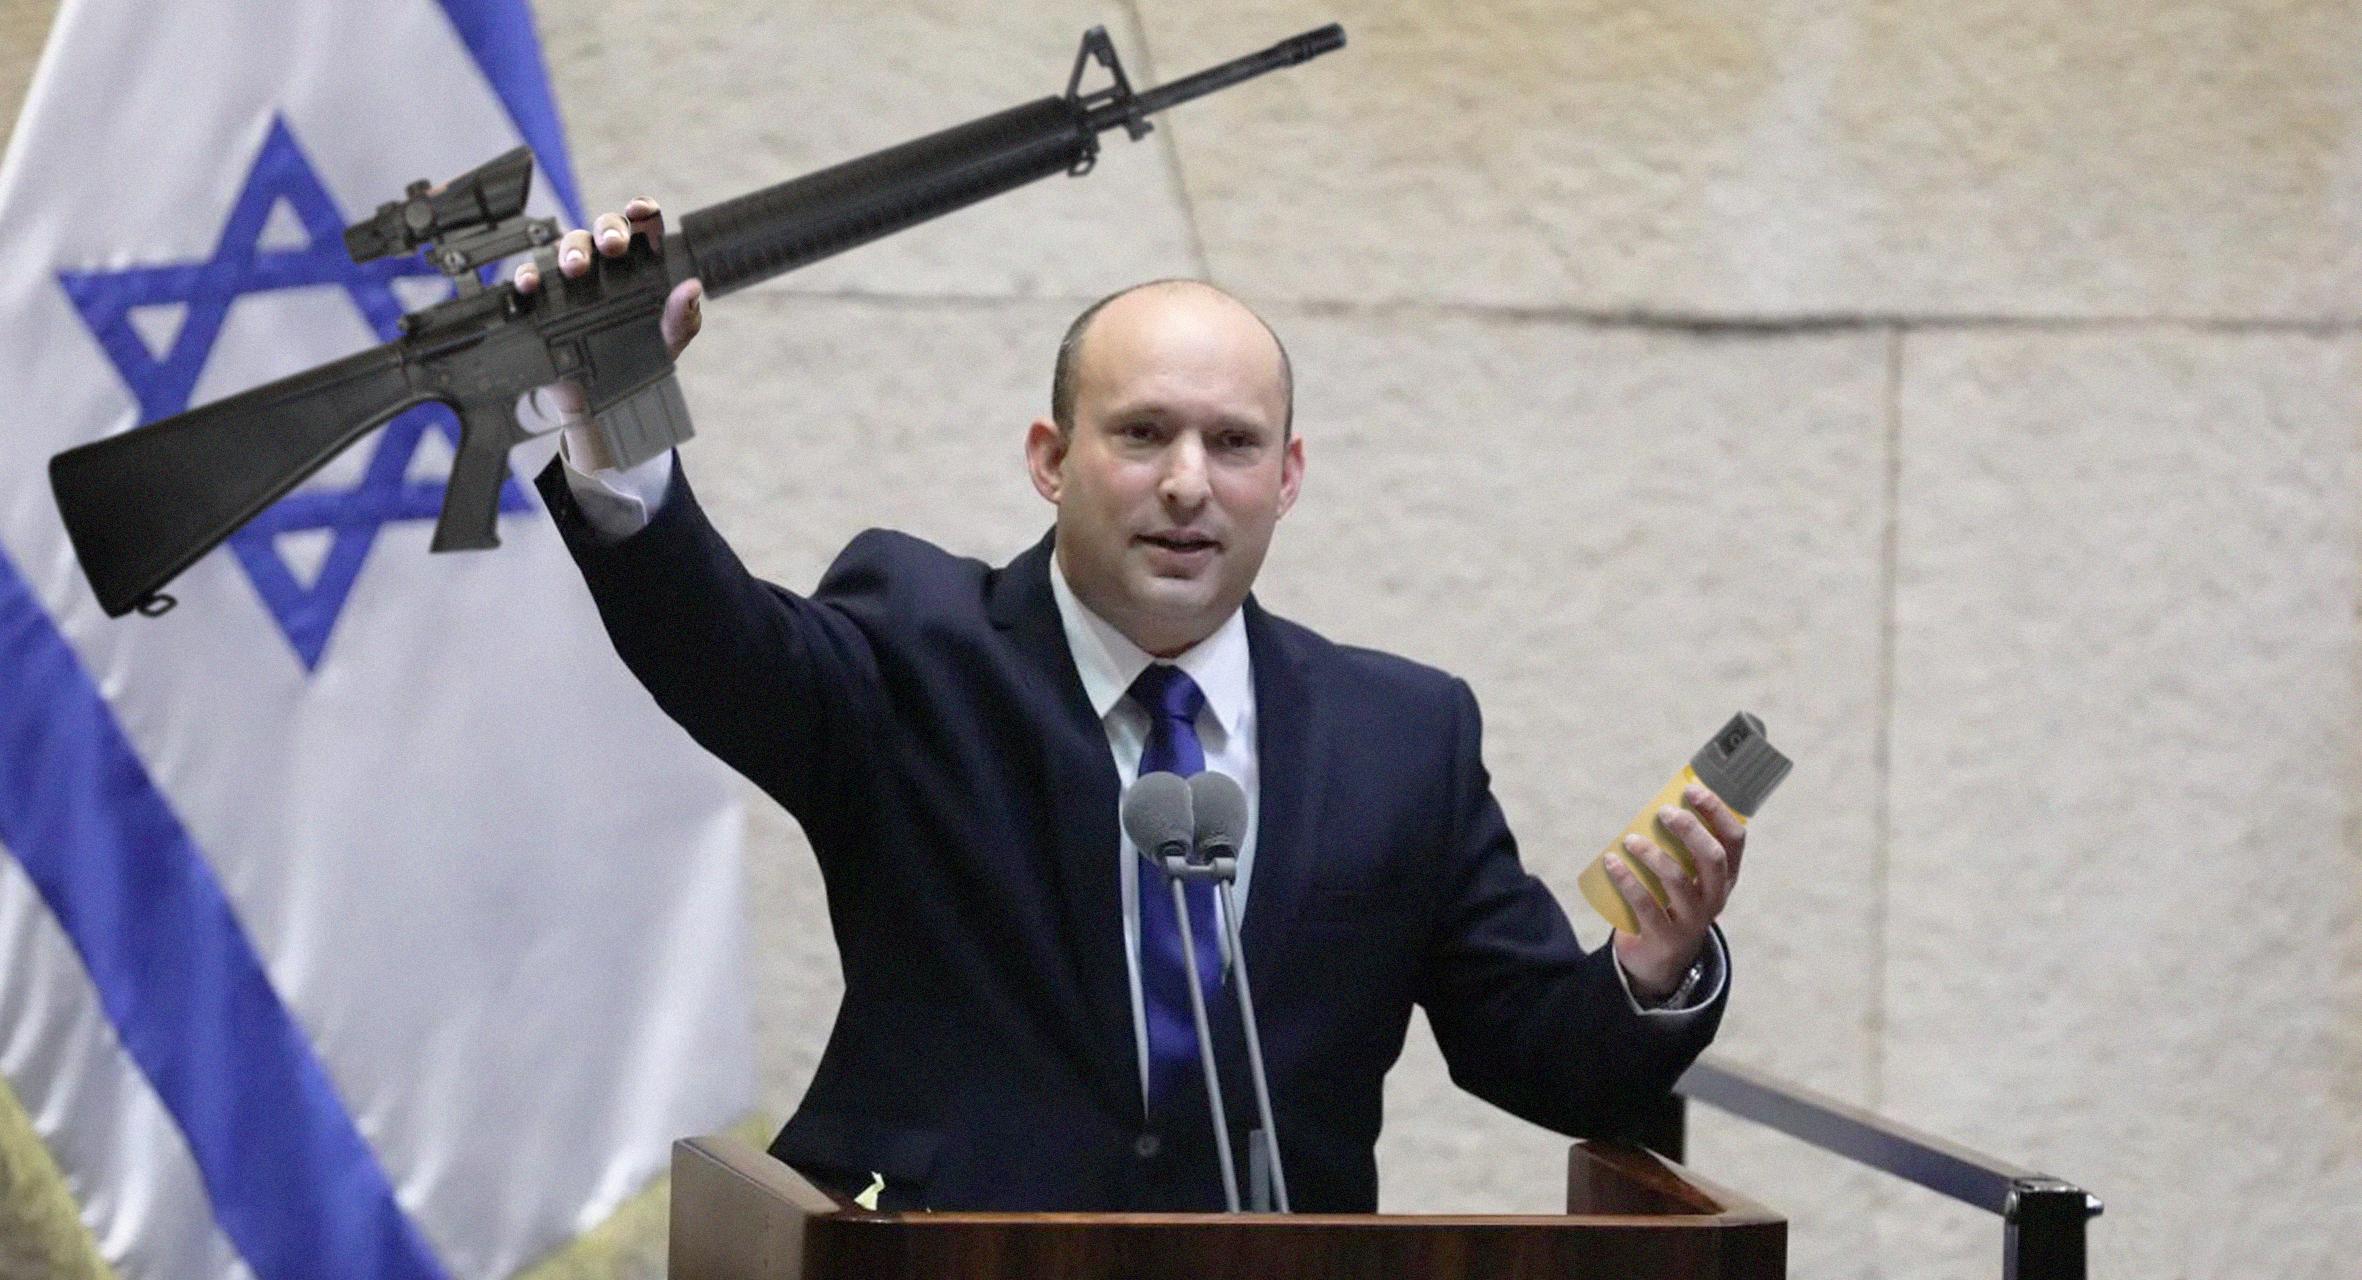 صورة بينيت يندد برفض الفلسطينيين رشِّهم ببخاخات الفلفل رغم قدرة المستوطنين على رشَّهم بالرصاص